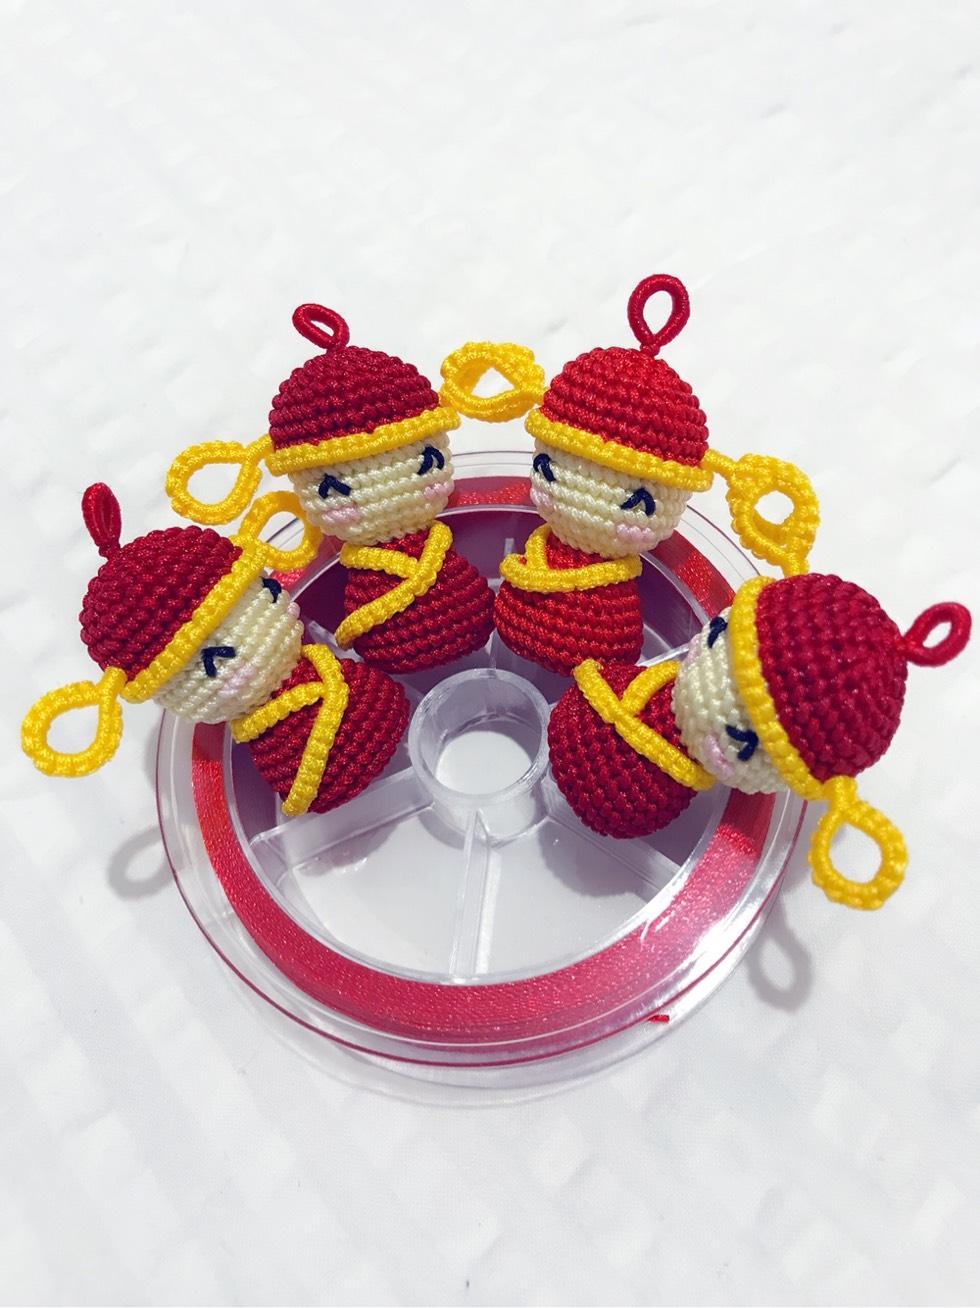 中国结论坛 小熊维尼+球球  作品展示 204609b1lor3132orb1i3k